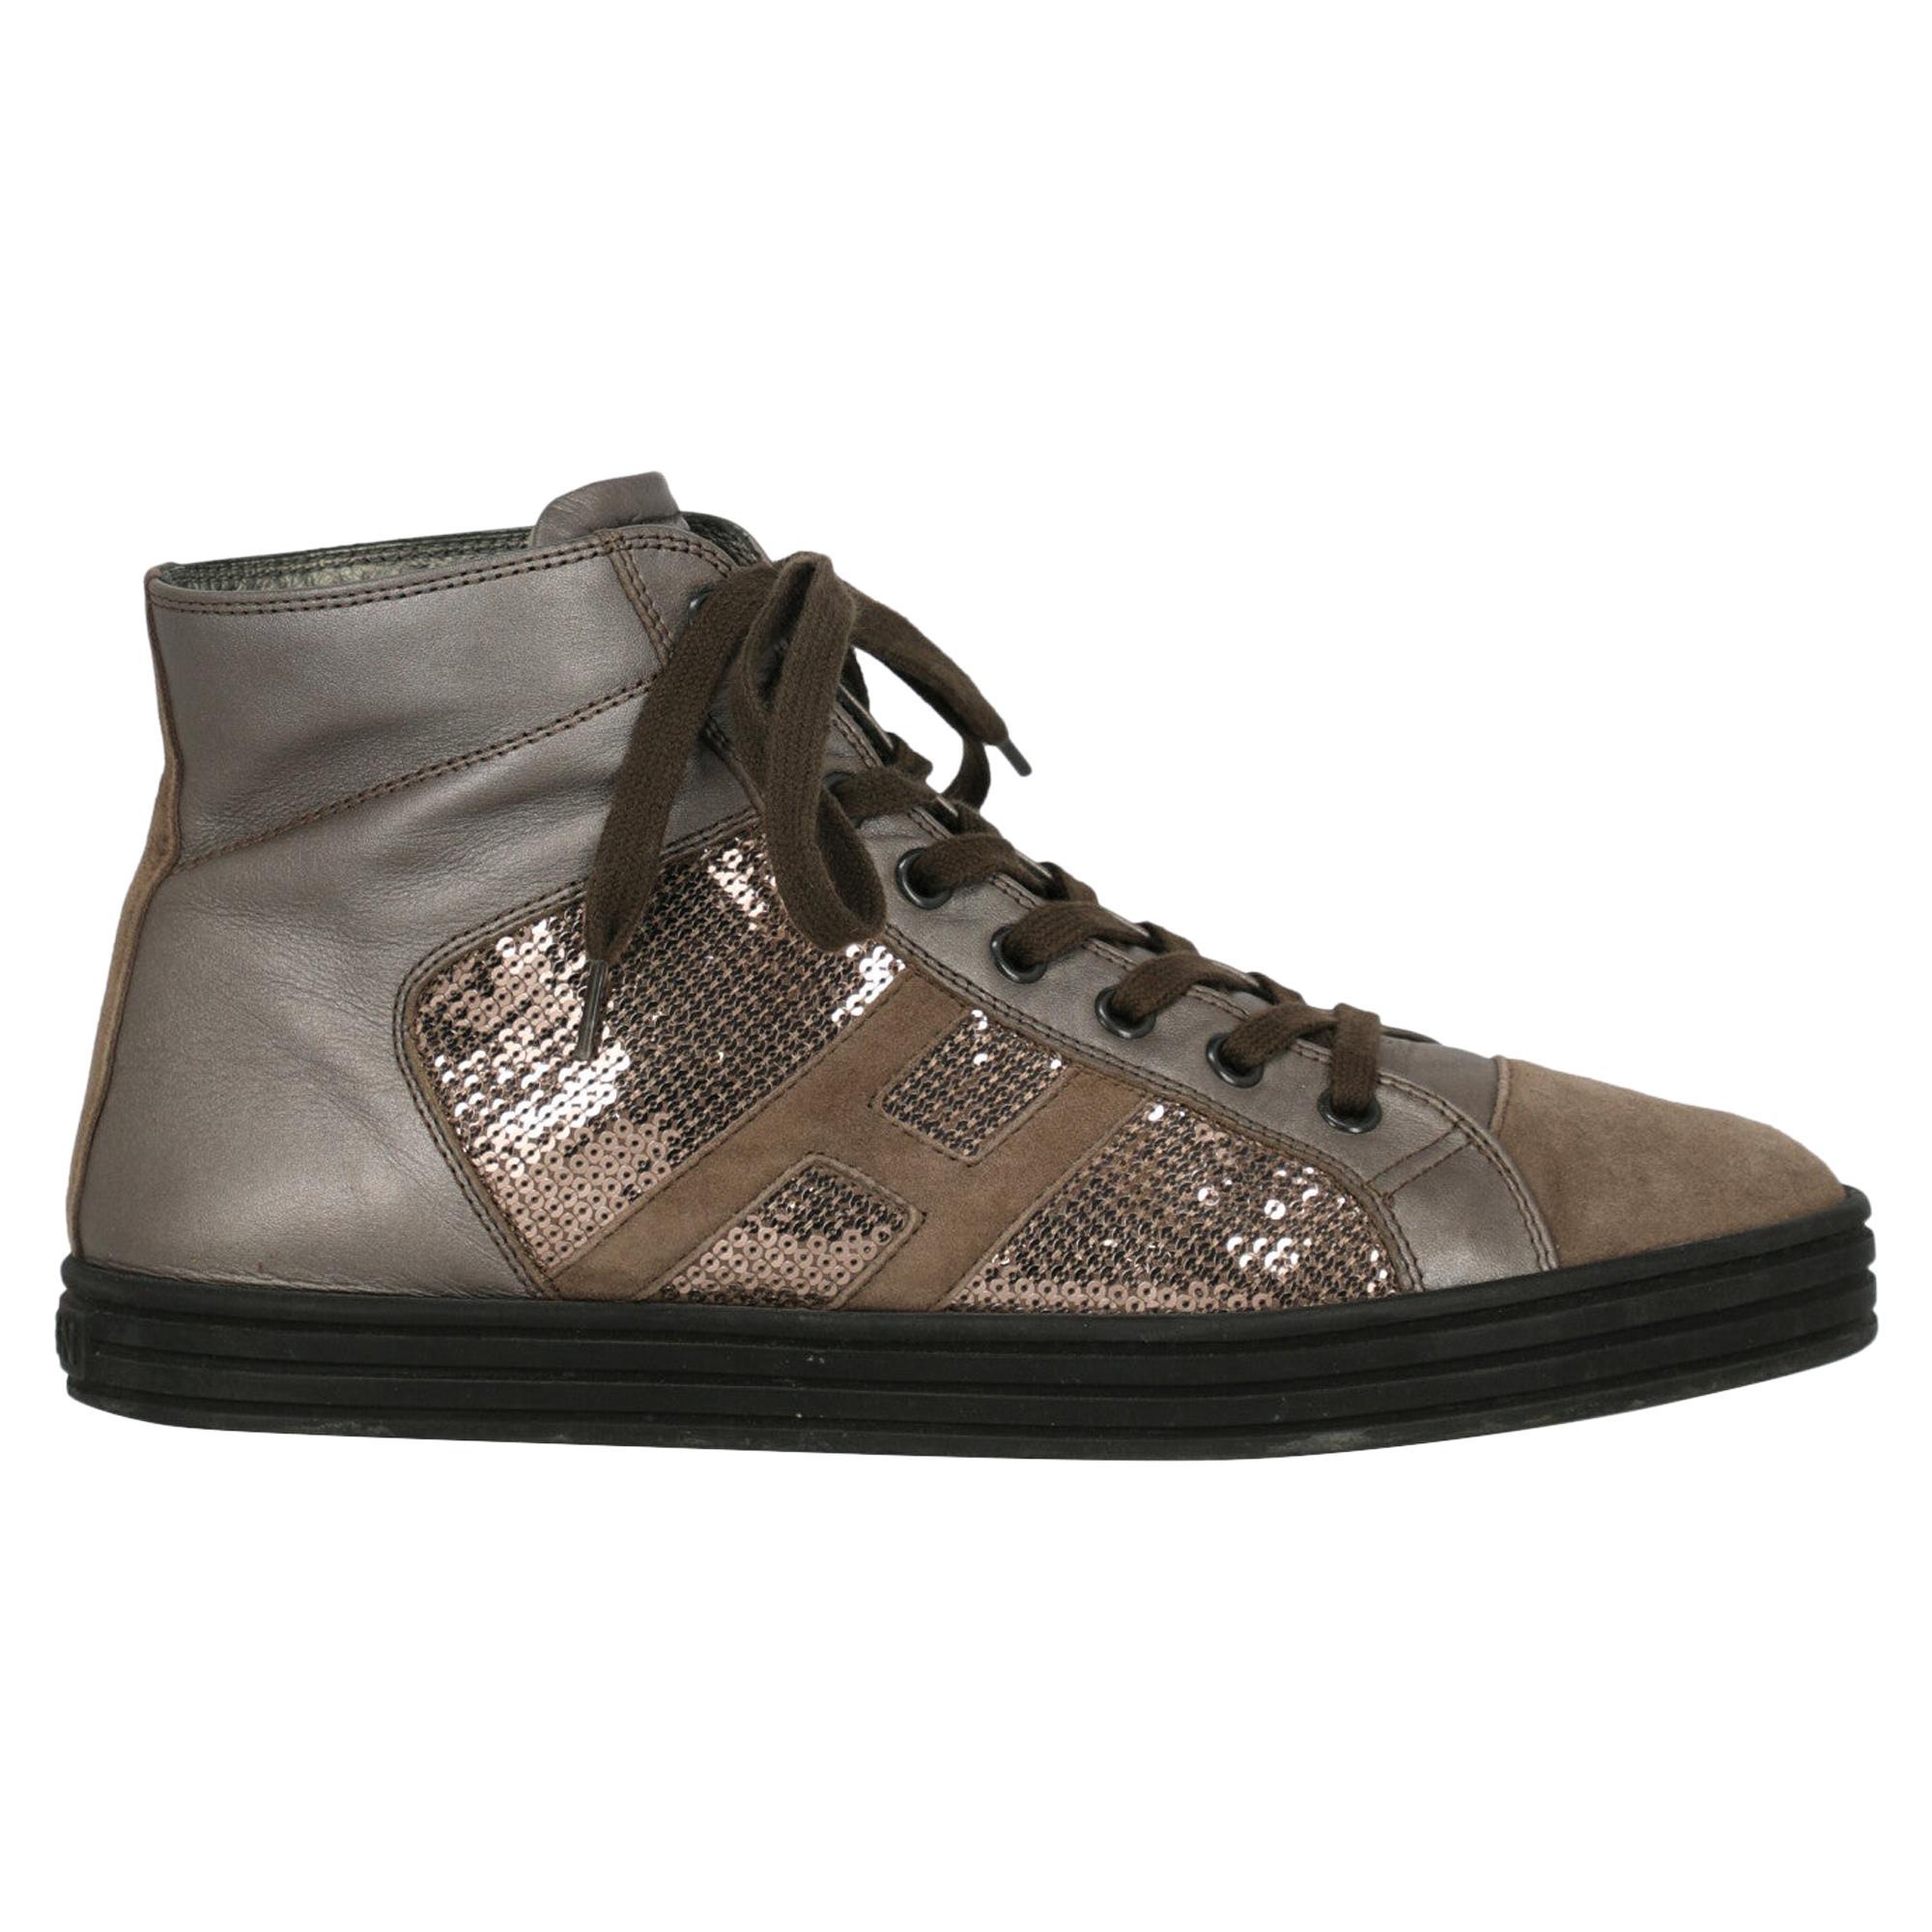 Hogan Woman Sneakers Beige Leather IT 40